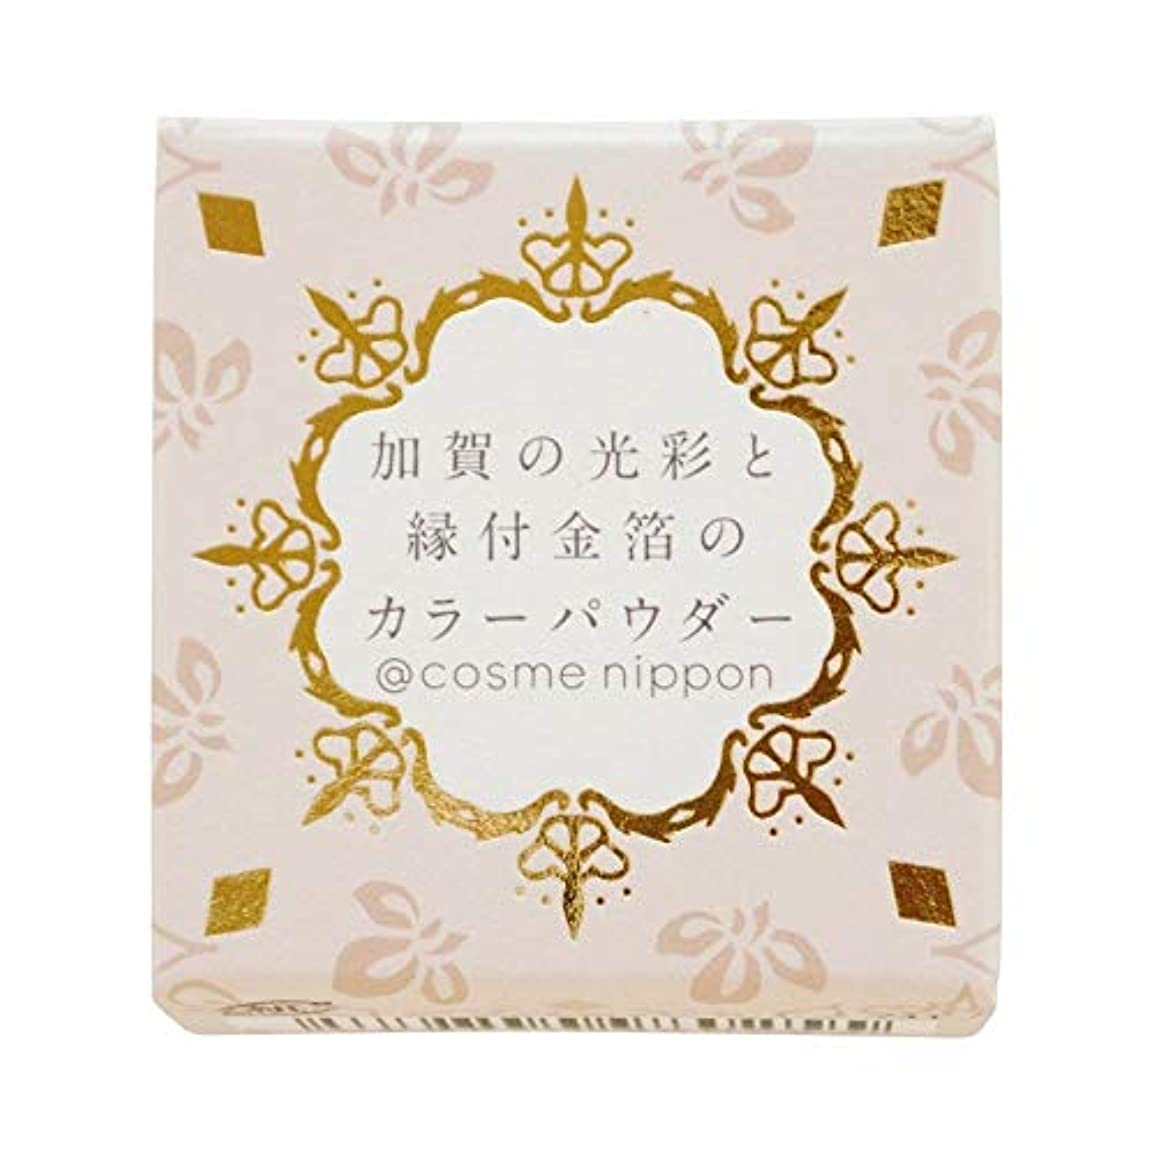 刺激するソーシャル概して友禅工芸 すずらん加賀の光彩と縁付け金箔のカラーパウダー01金色こんじき